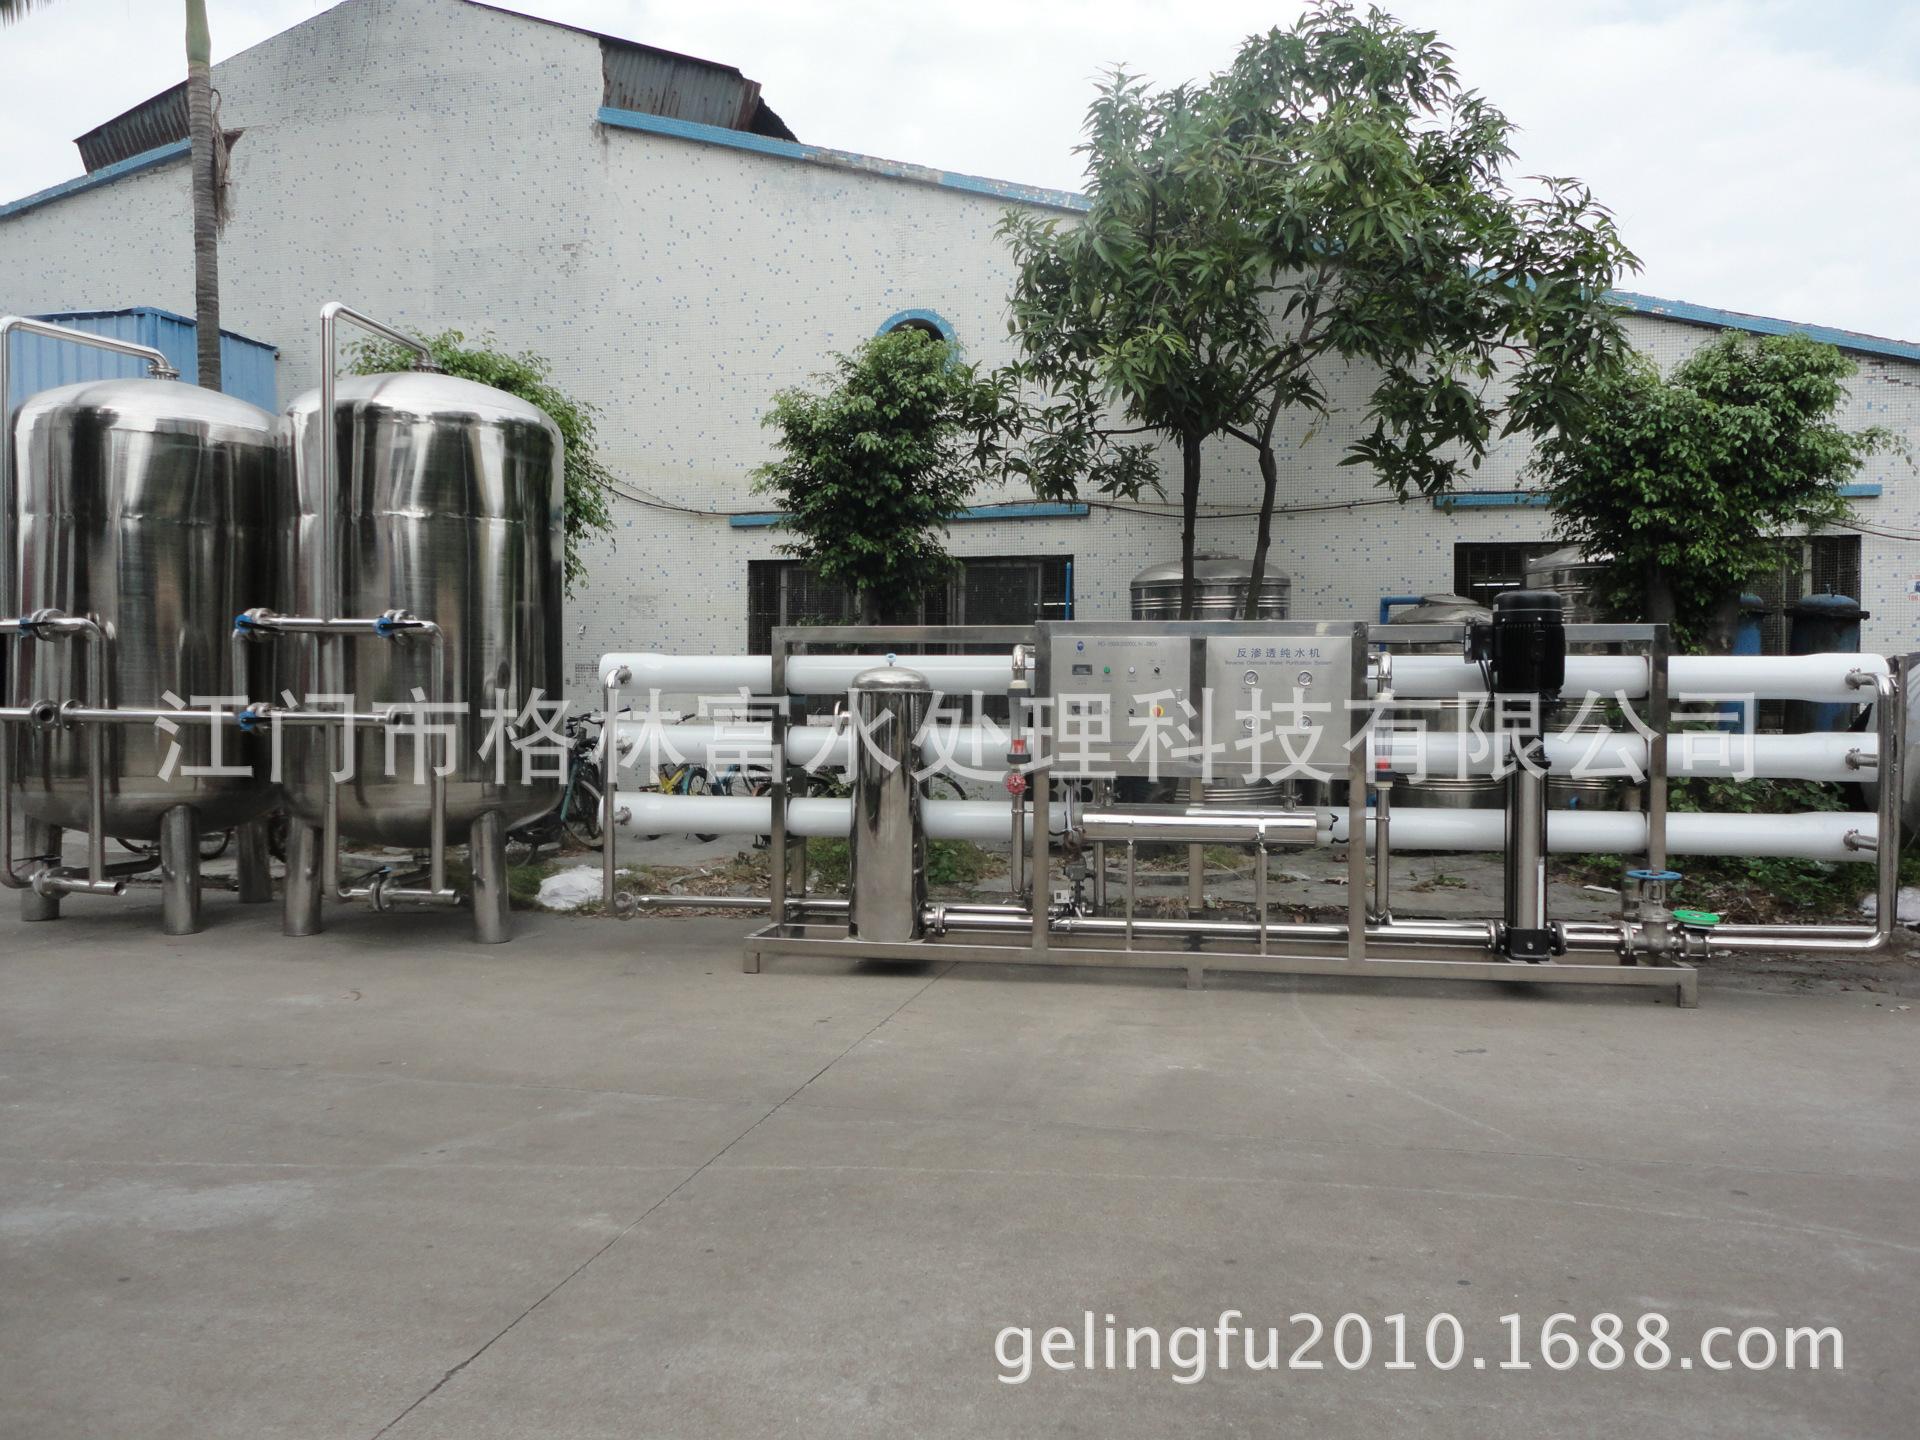 供应RO反渗透纯水设备 海水淡化设备 专业生产过滤设备